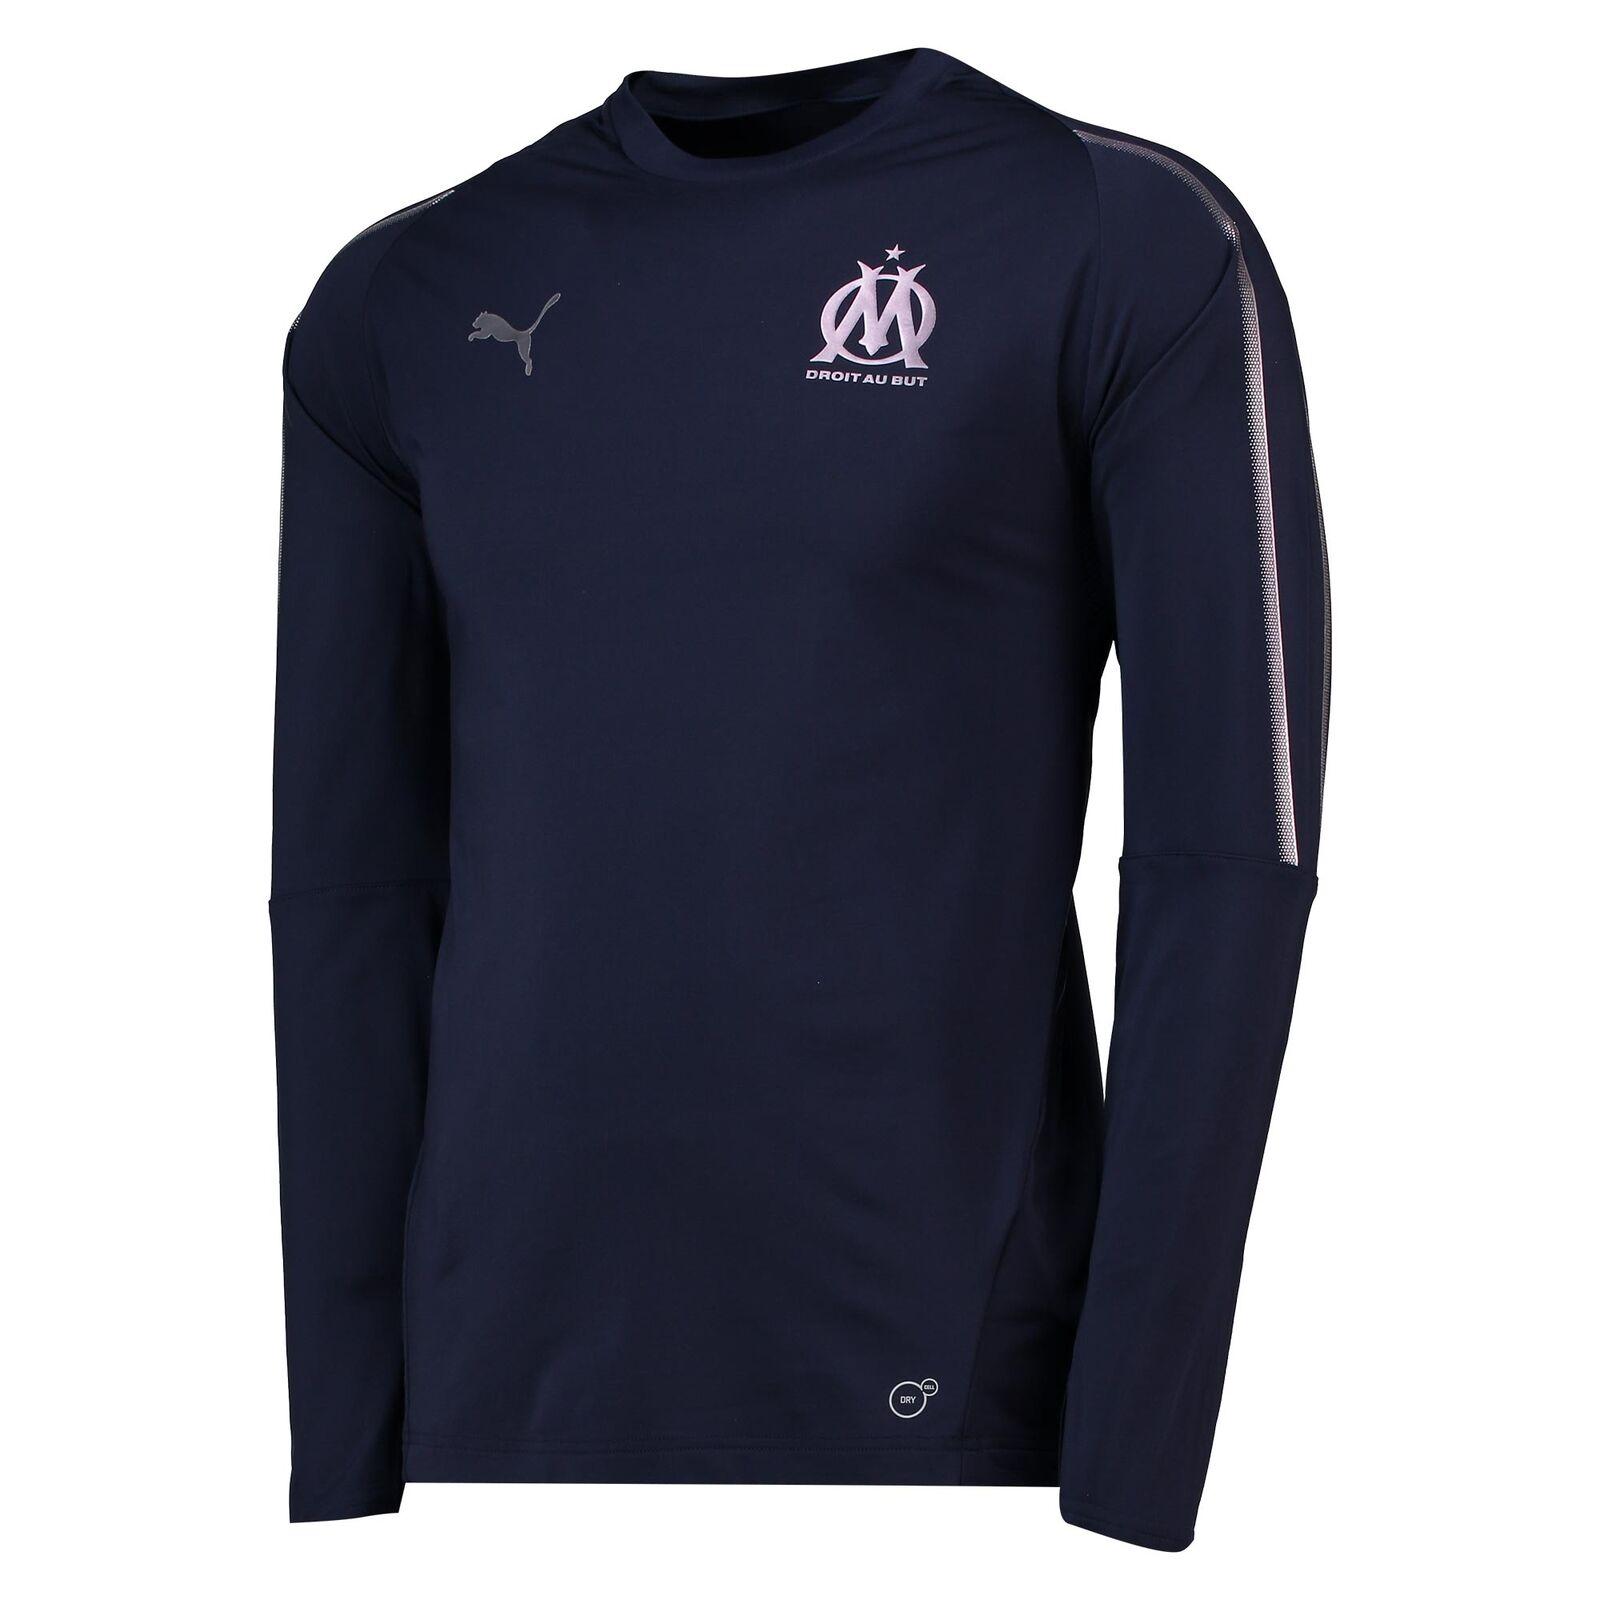 Olympique Olympique Olympique De Marseille Training Sweatshirt Pullover Dunkelblau Herren PUMA a29c92